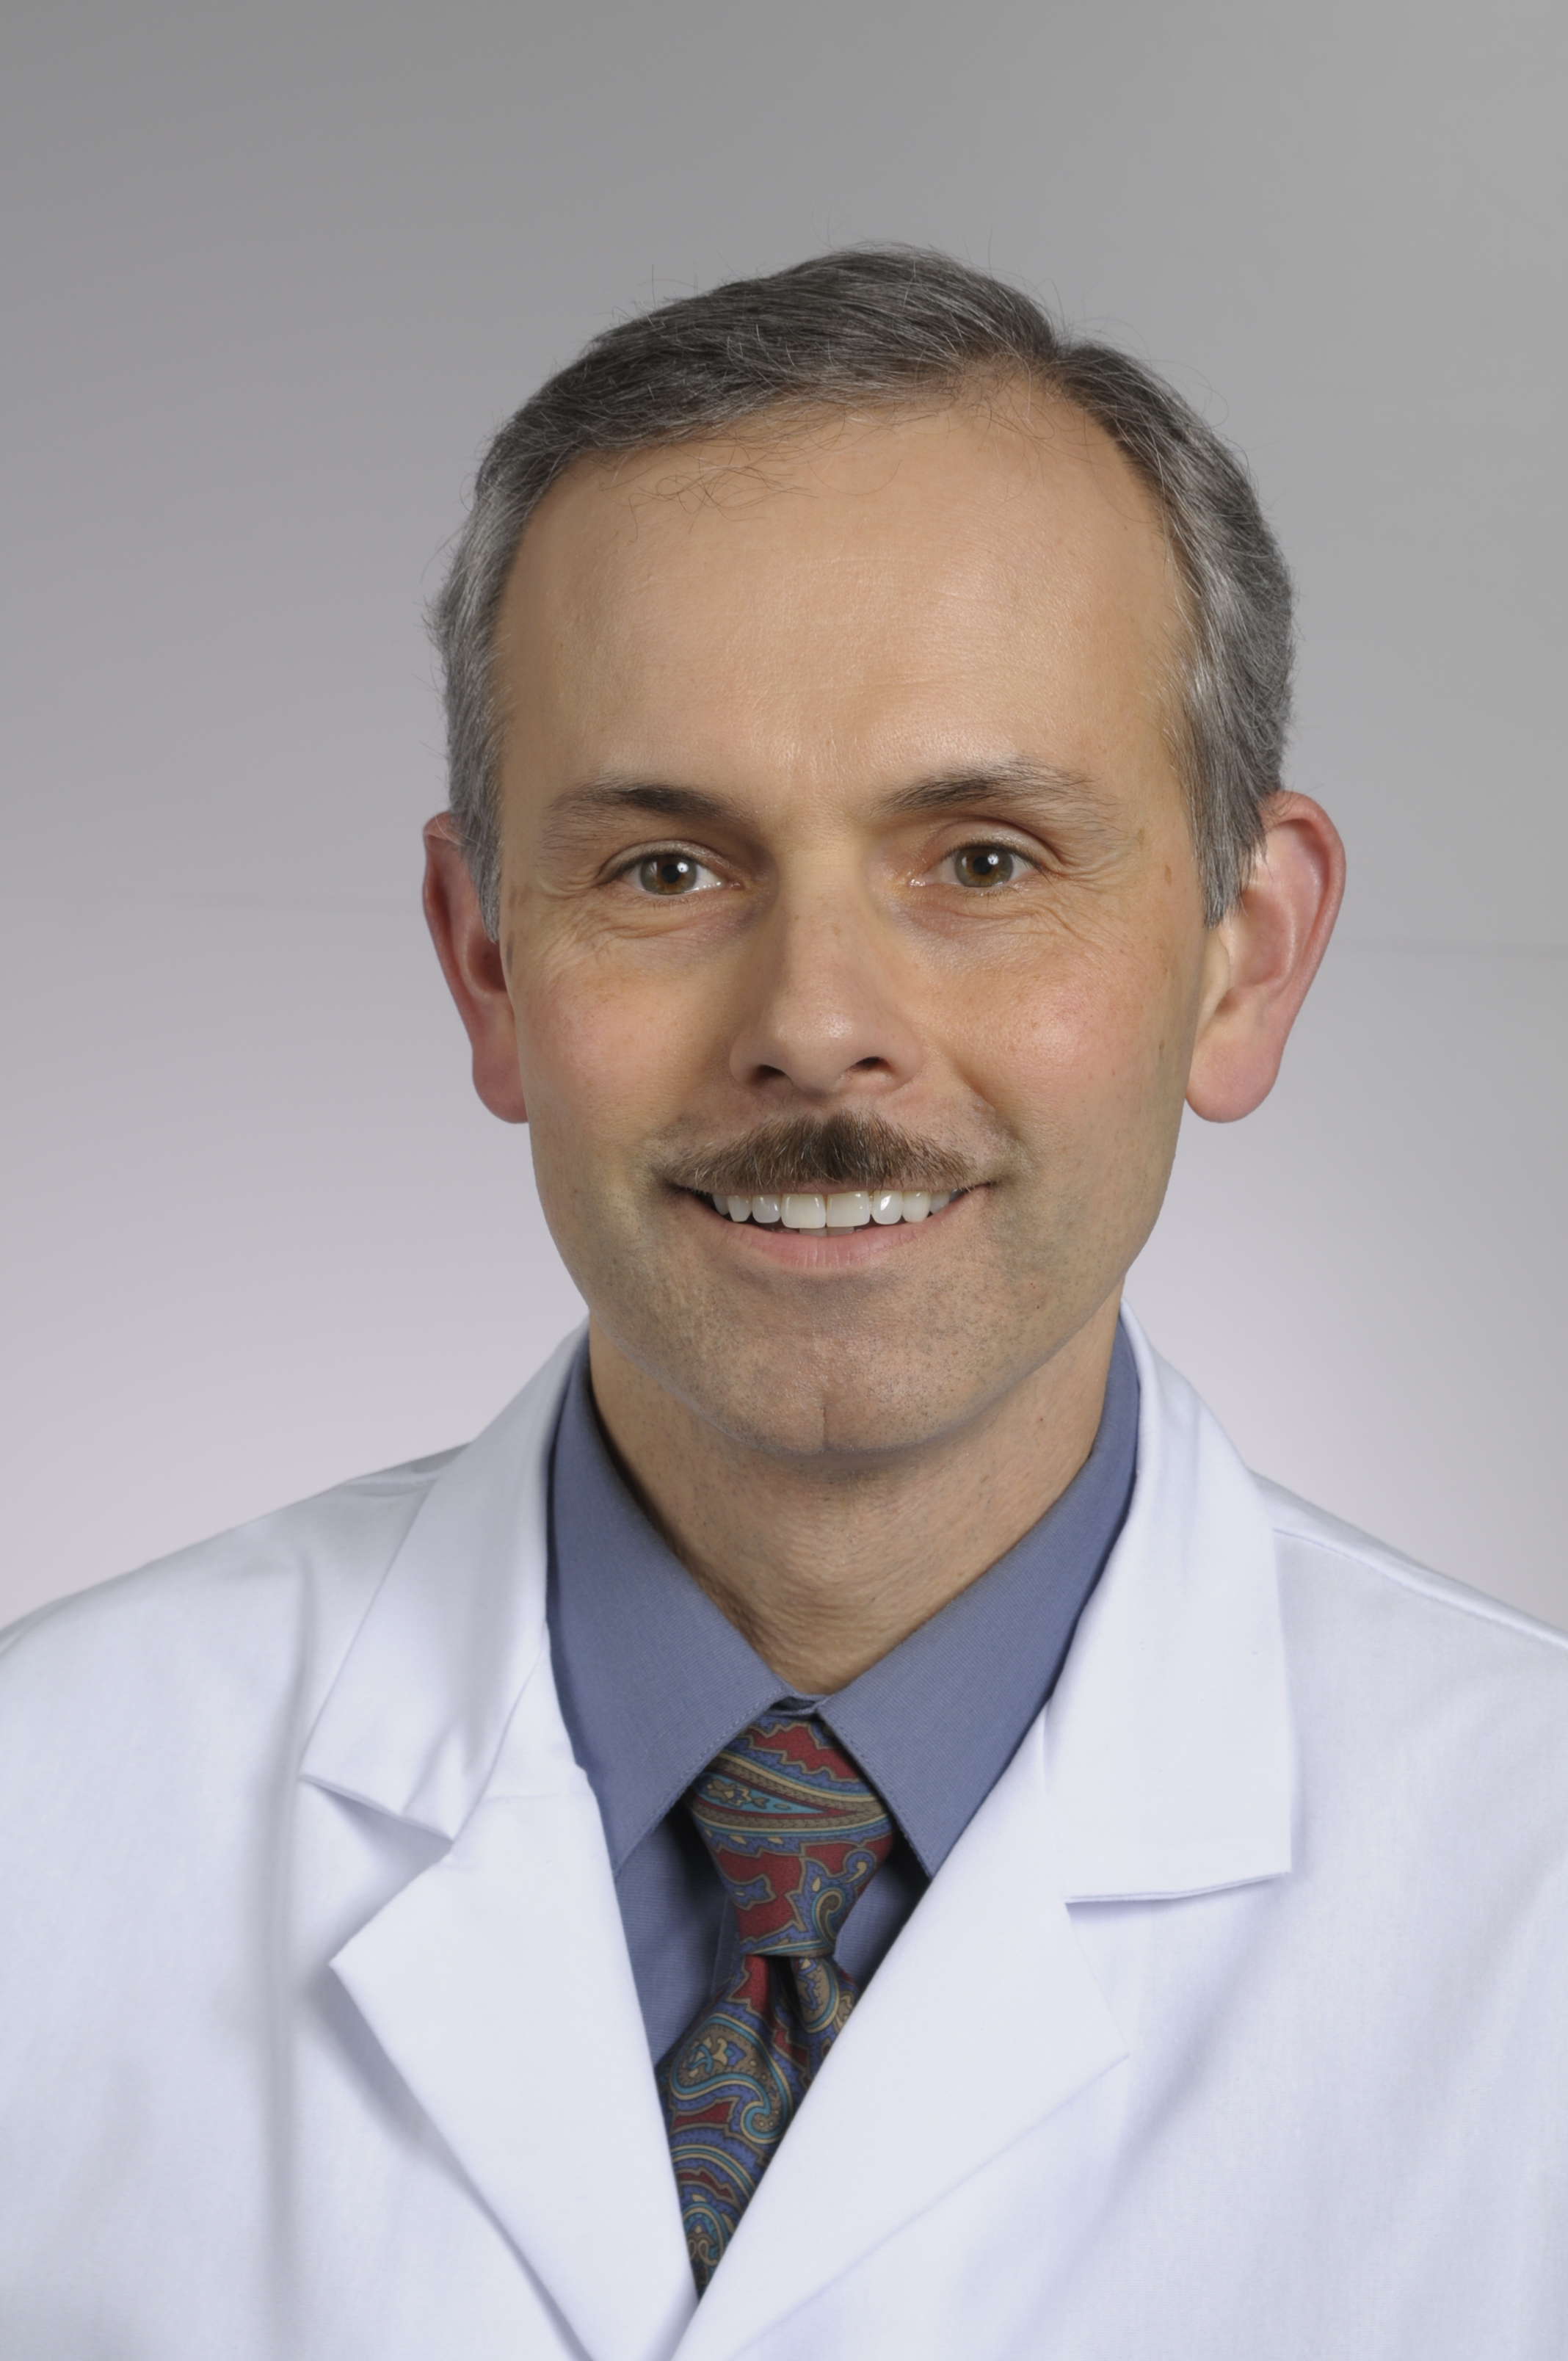 Dr. Chris Gorecki